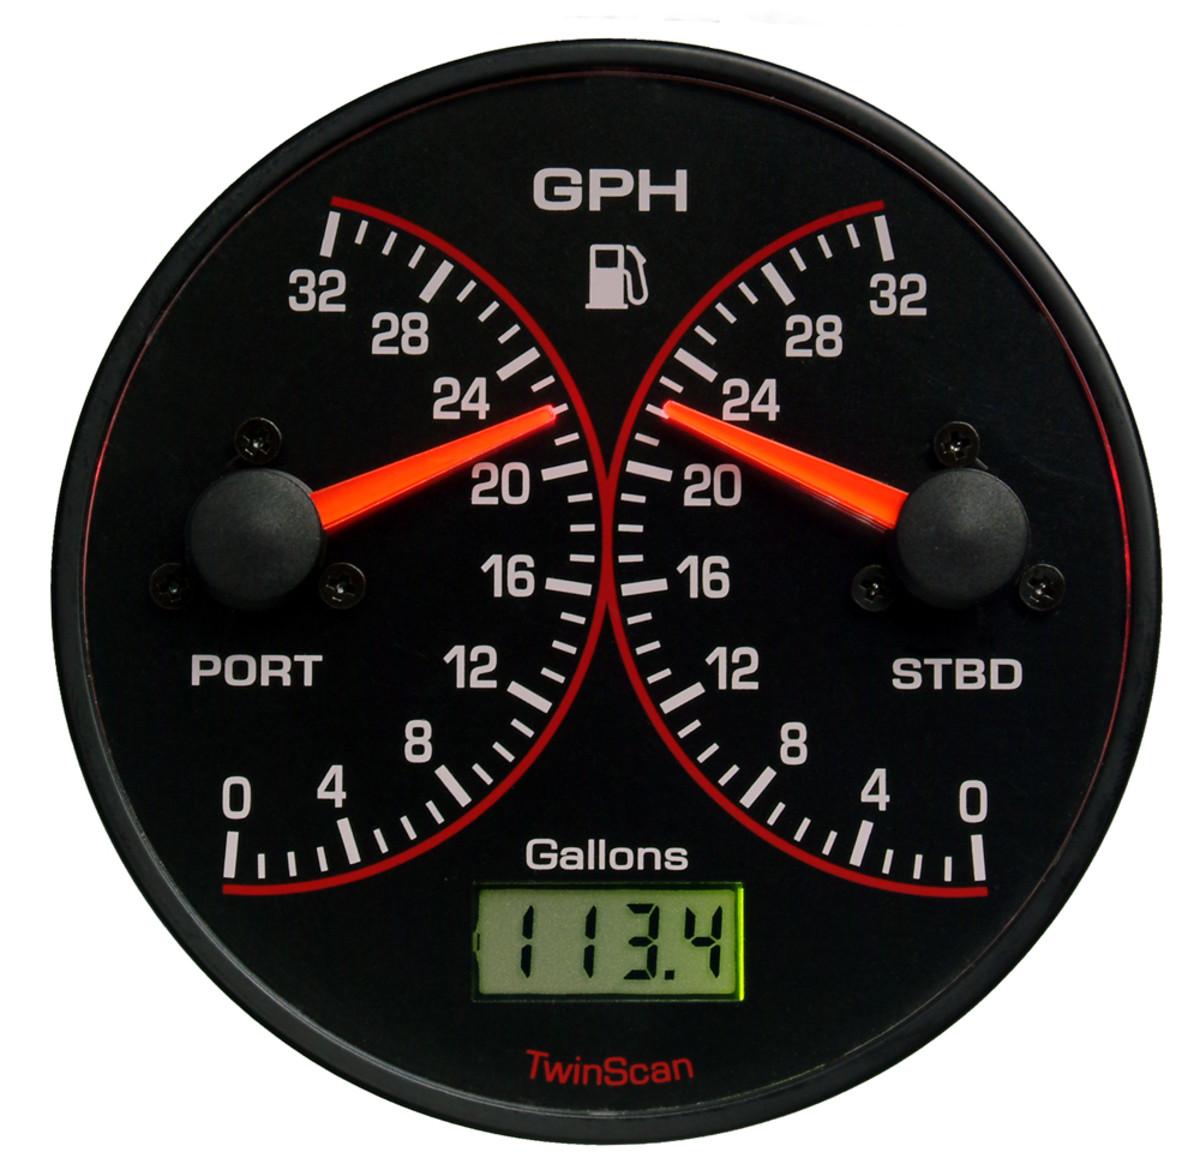 TS GPH 1000